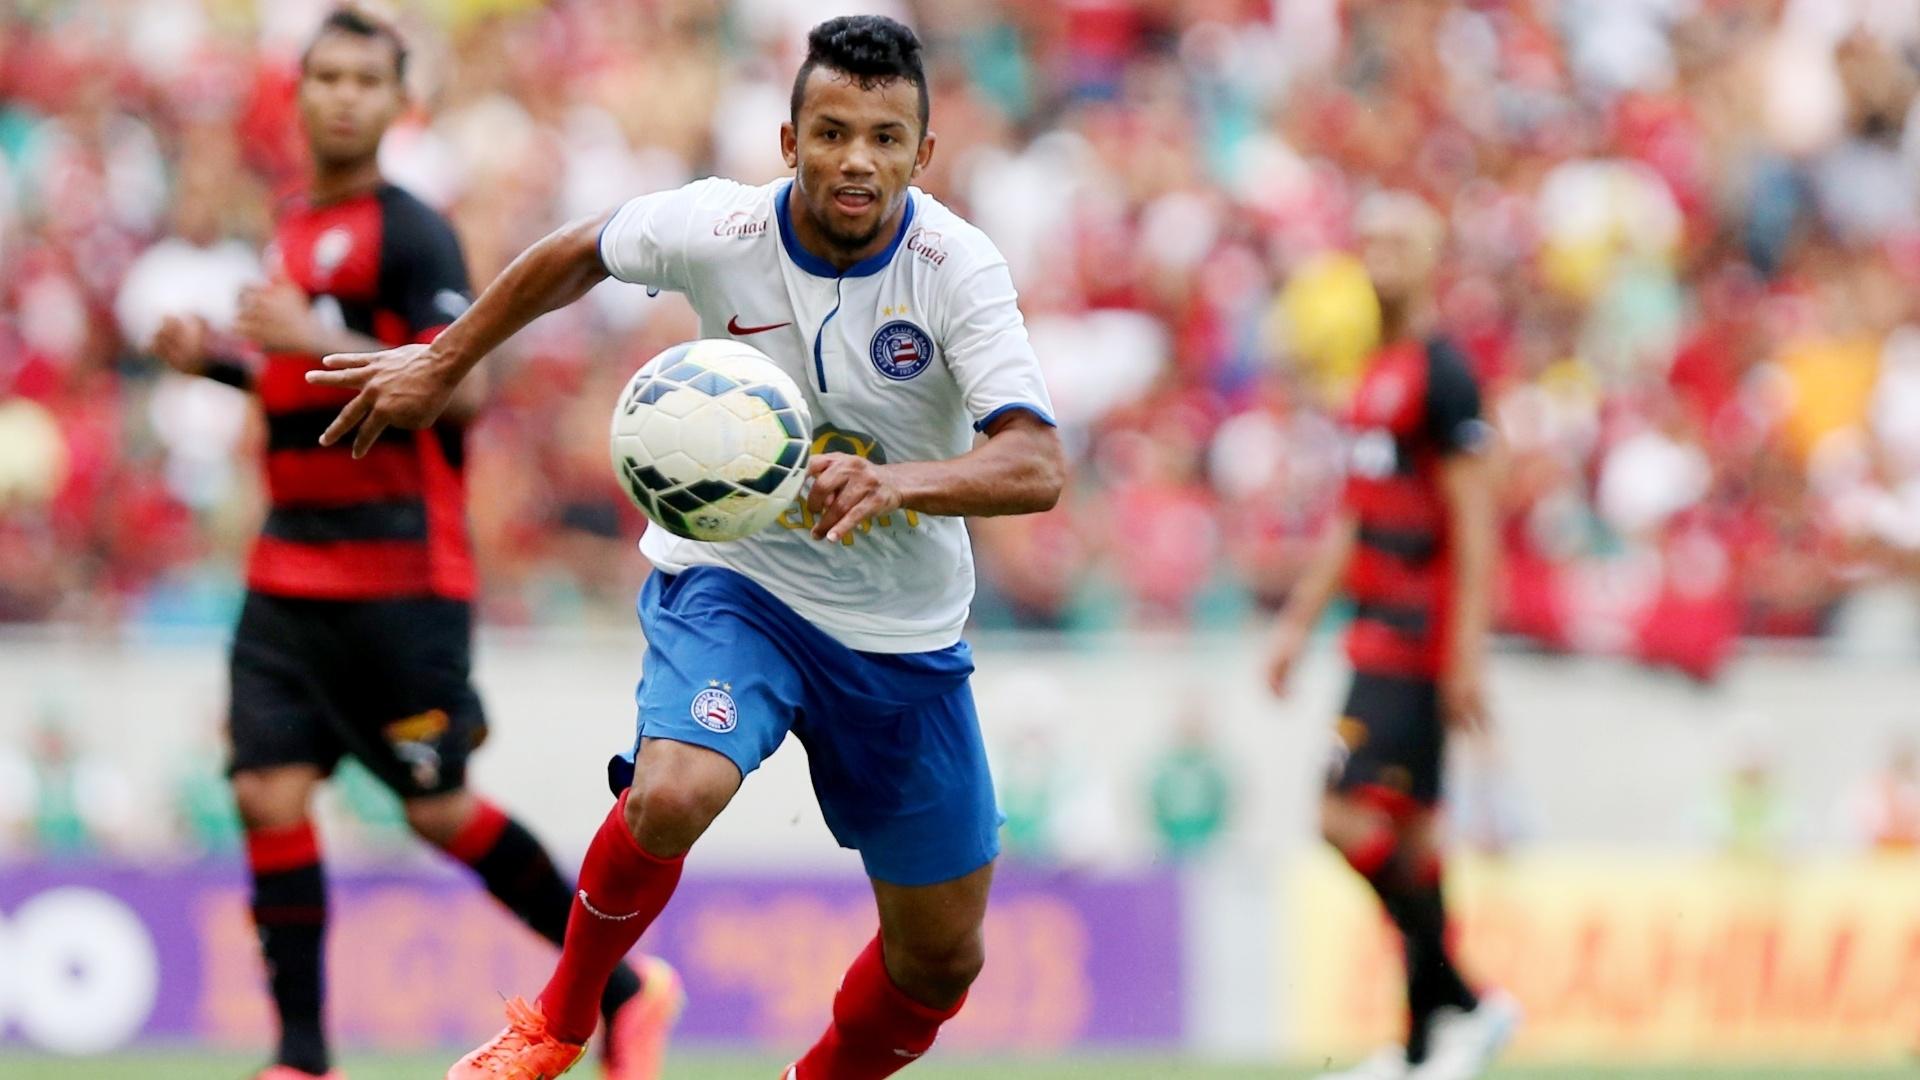 Léo Gago domina a bola enquanto é observado pelos jogadores do Vitória no clássico baiano